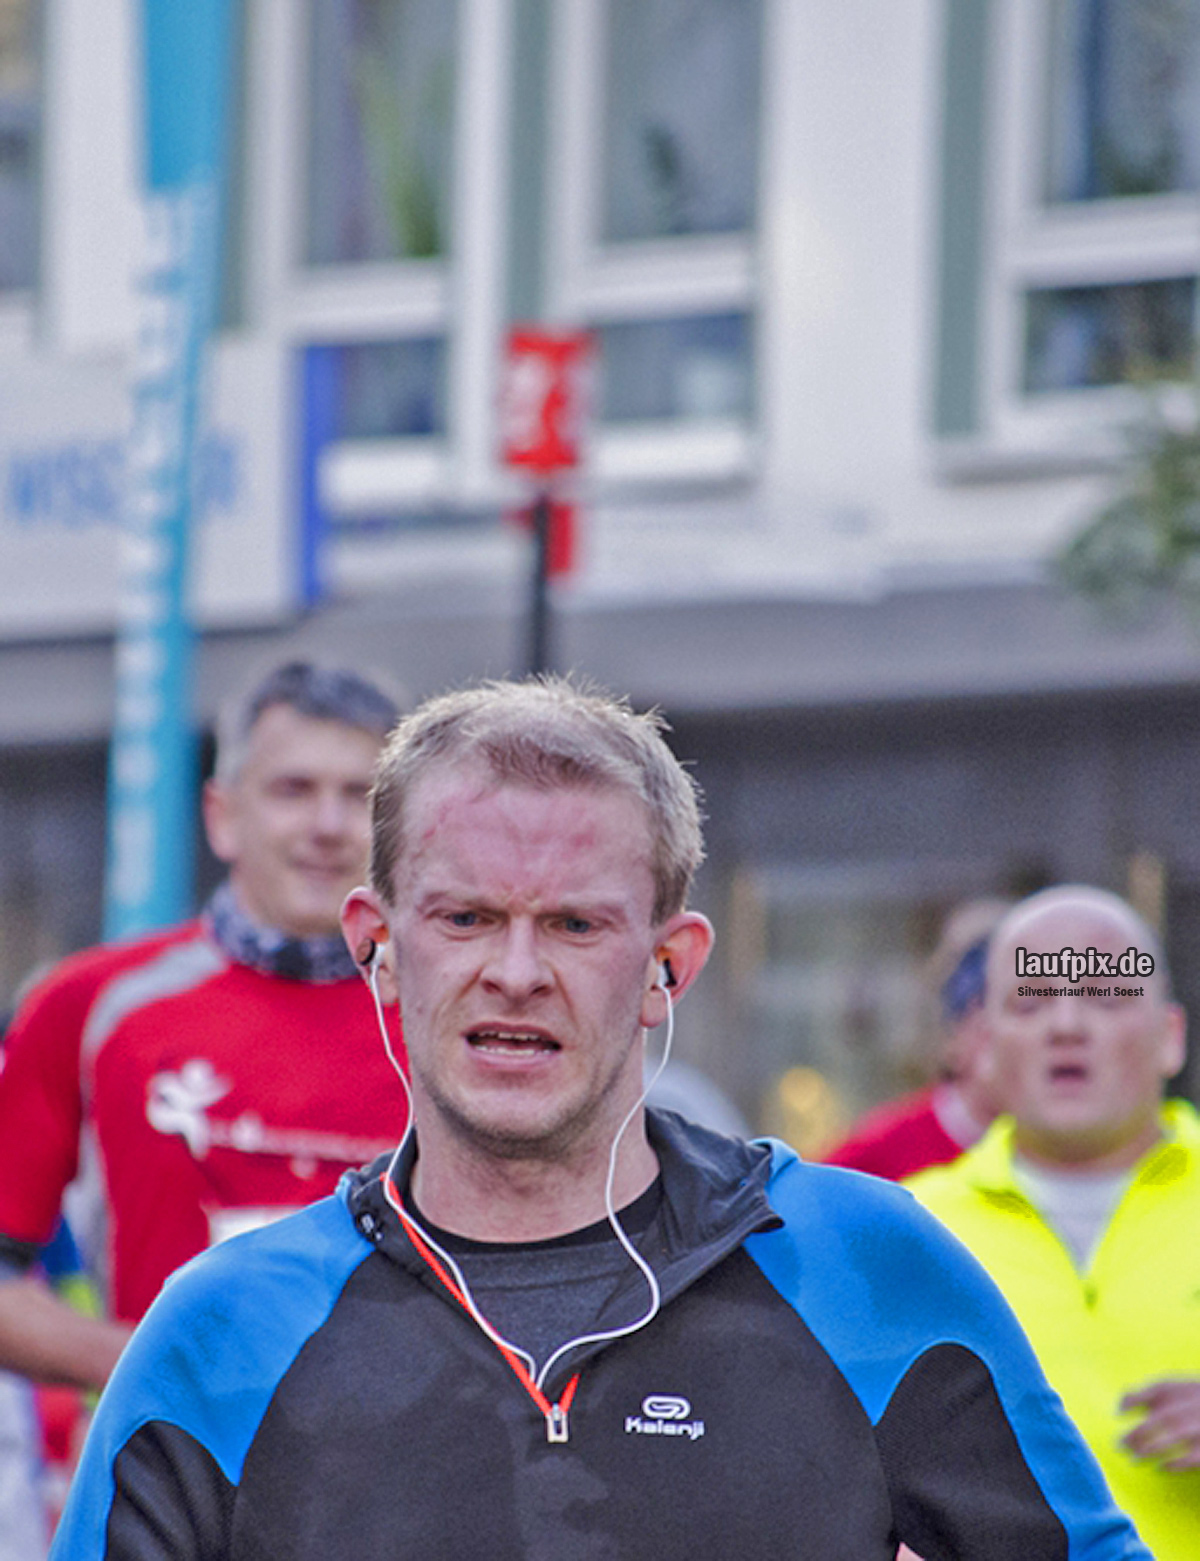 Silvesterlauf Werl Soest 2015 - 1032